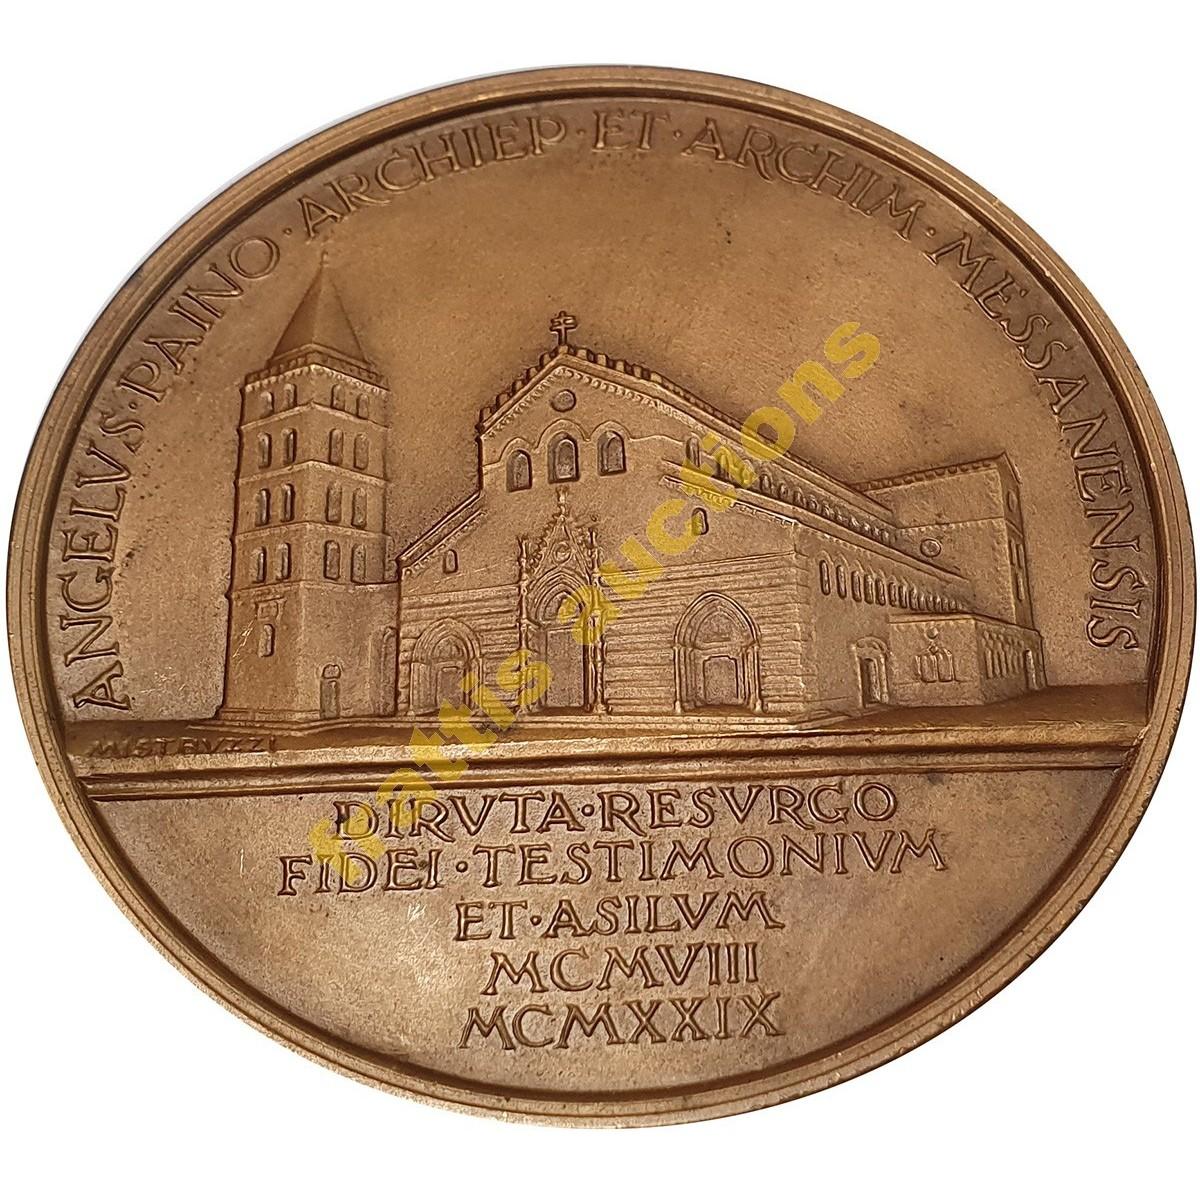 Χάλκινο αναμνηστικό μετάλλιο Καθεδρικός Ναός της Μεσσίνα 1929 για την αναστήλωση του ναού μετά τον καταστροφικό σεισμο του 1908